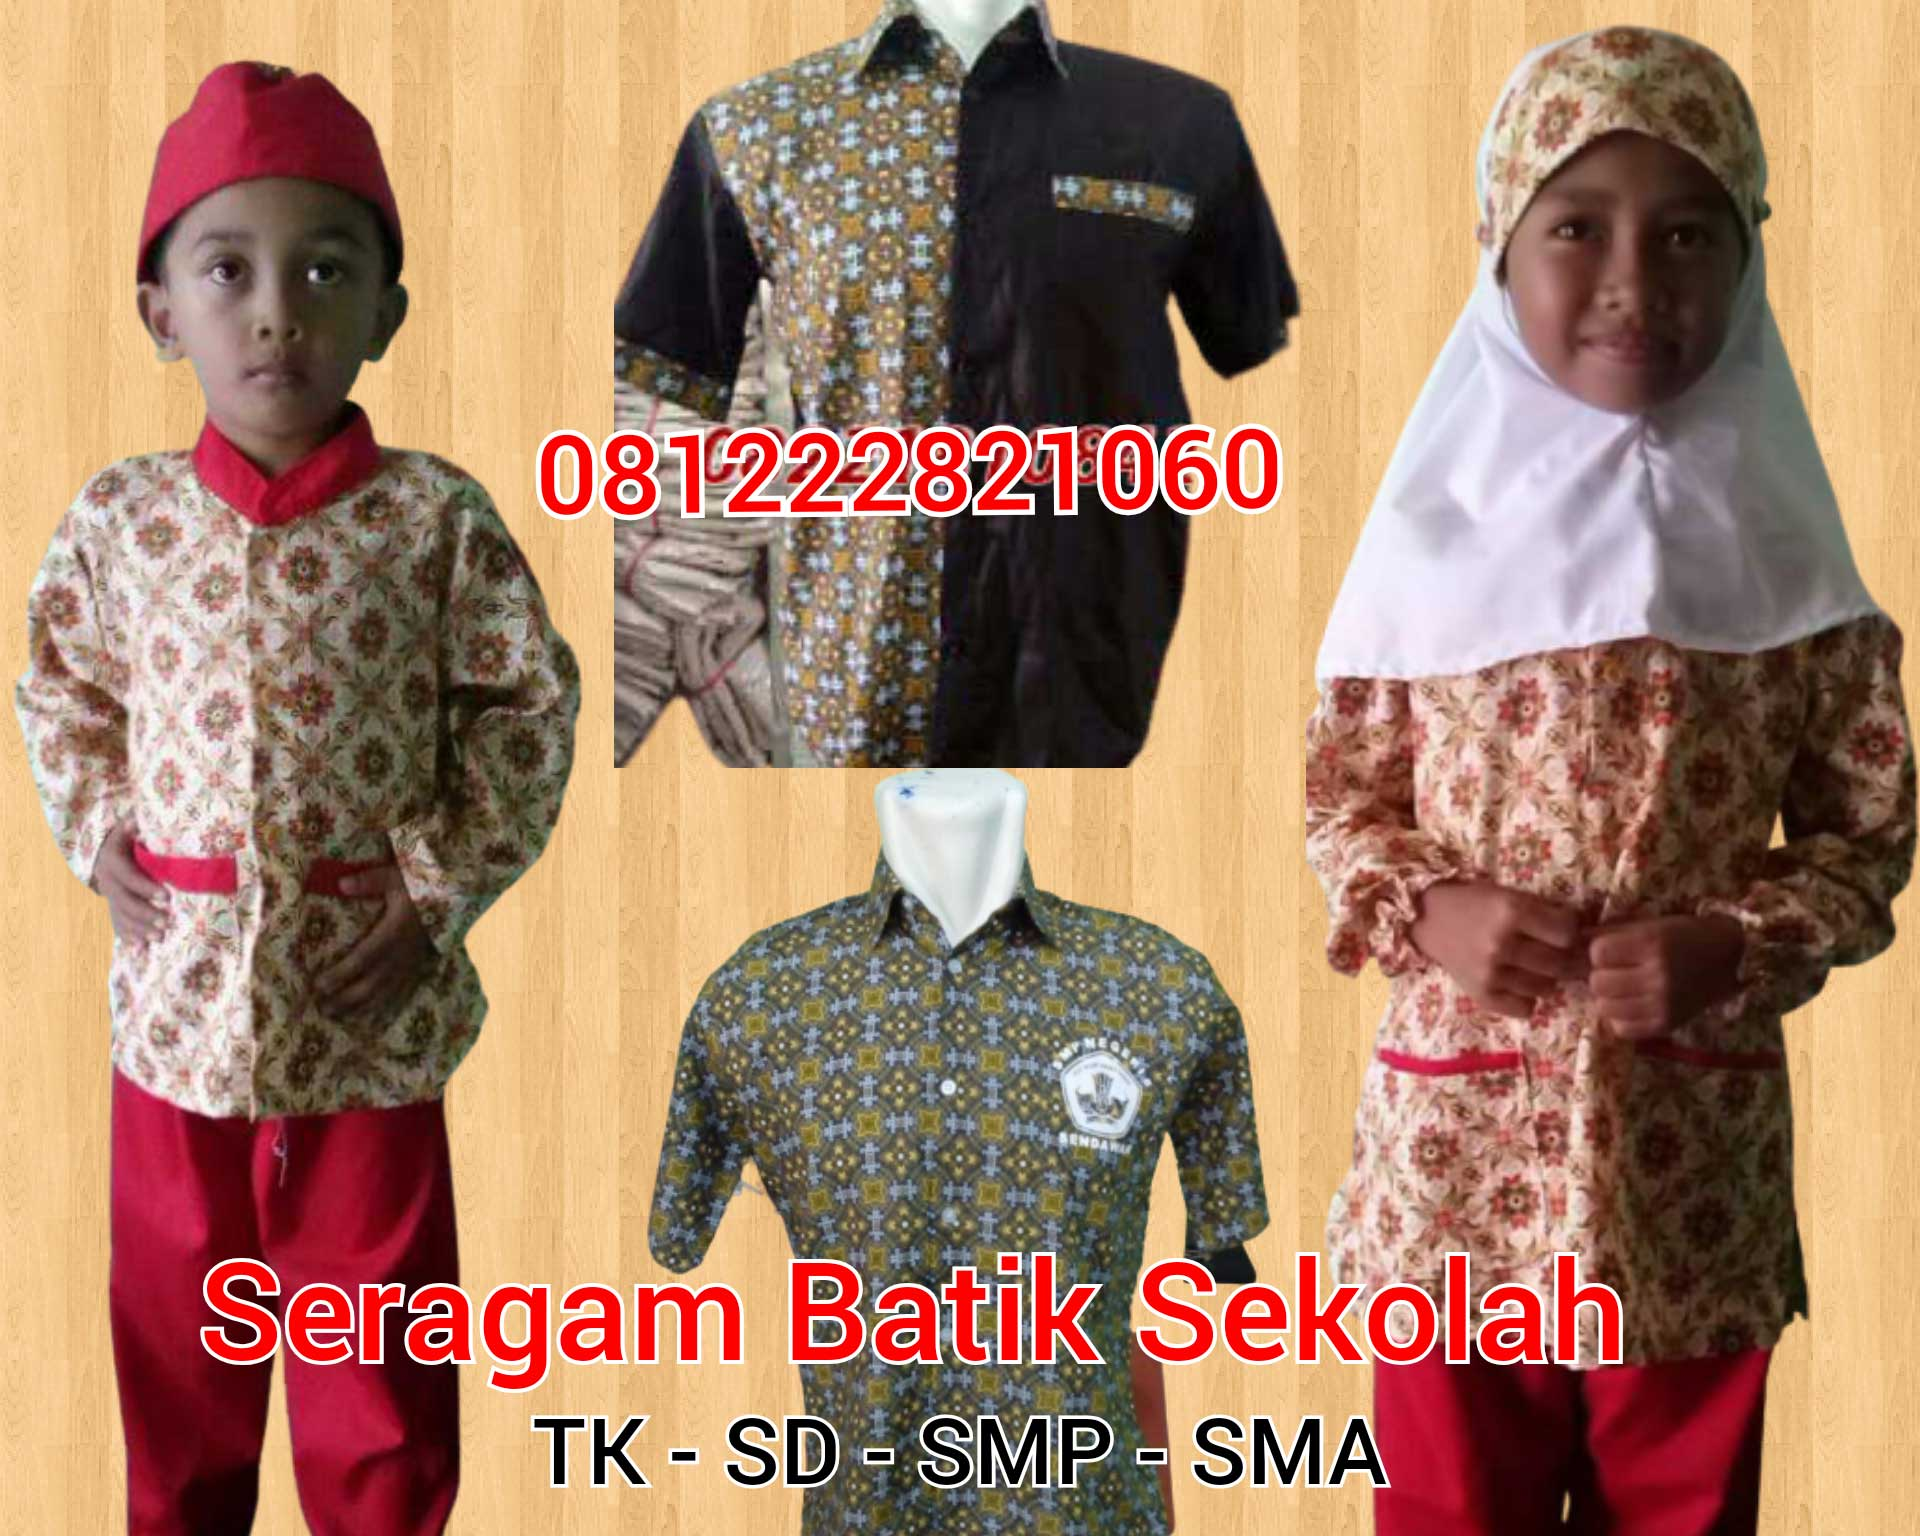 model baju seragam sekolah tk Curug Kota Serang, Banten